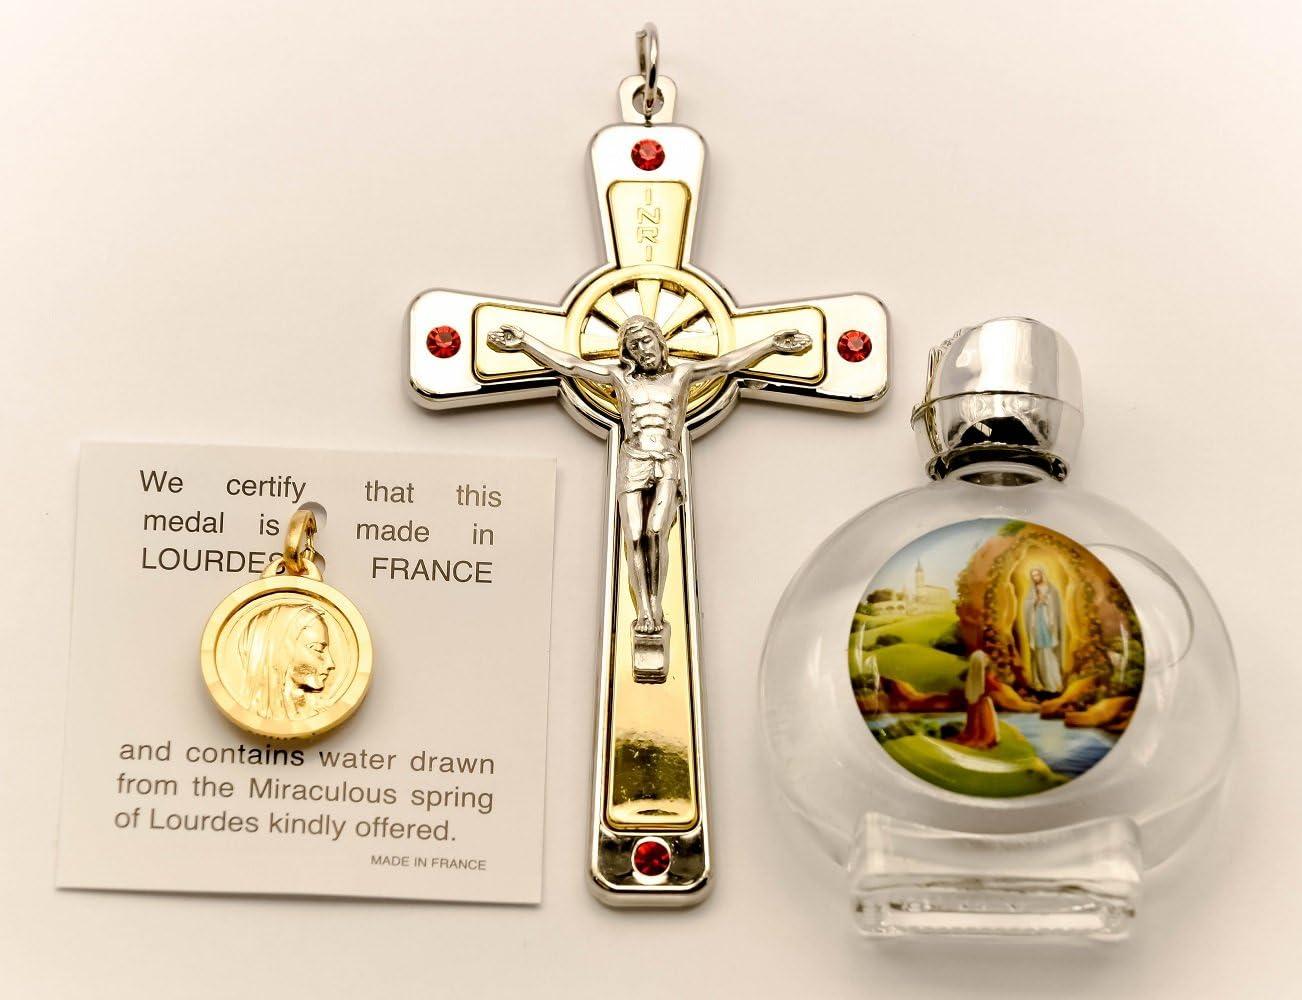 Lourdes - Set de regalo católico de agua, colgante de nuestra Señora de Lourdes, crucifijo de metal con cristales de Swarovski, botellas de Lourdes, tarjetas de oración de Lourdes